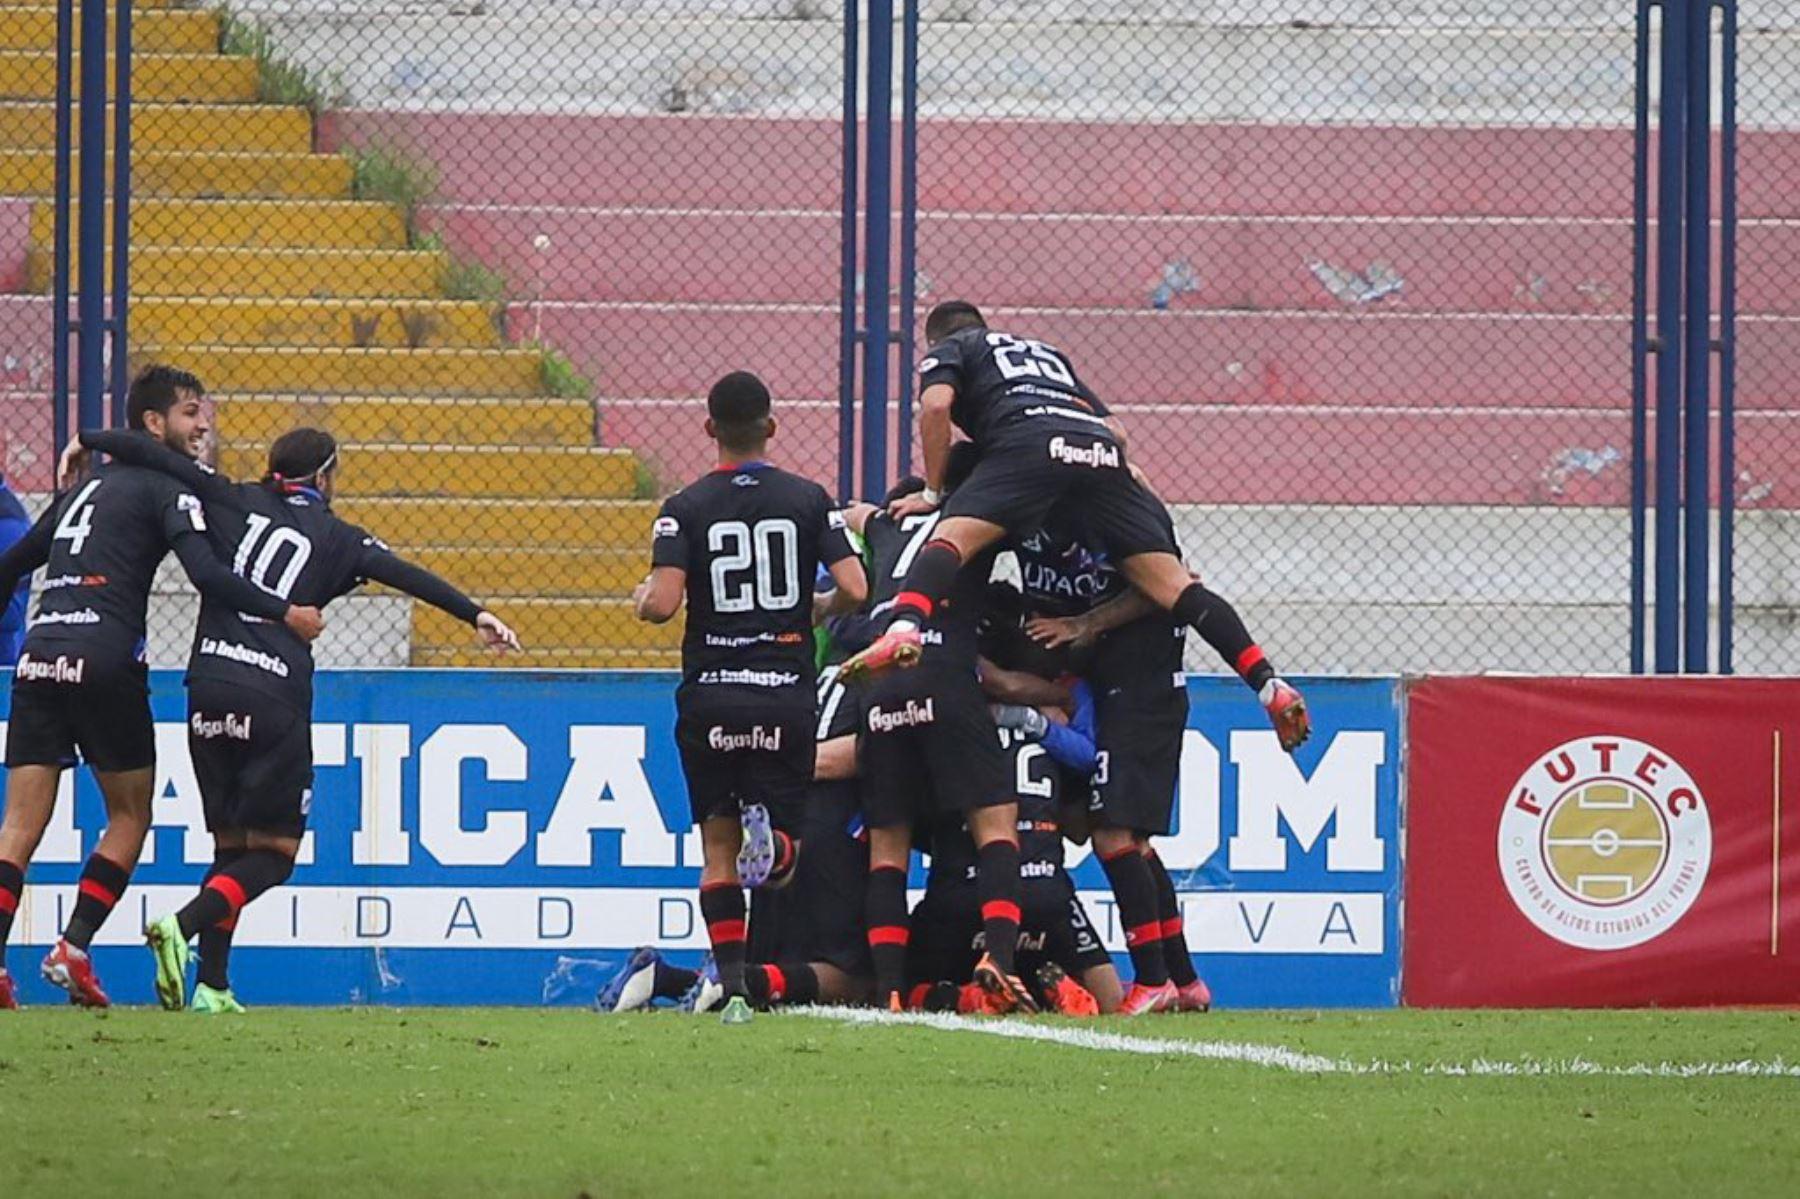 José Carlos Fernández pone el 2-0. Carlos Manucci derrota 3-1 a Sporting Cristal por la Fase 2 de la Liga 1. Foto: FPF